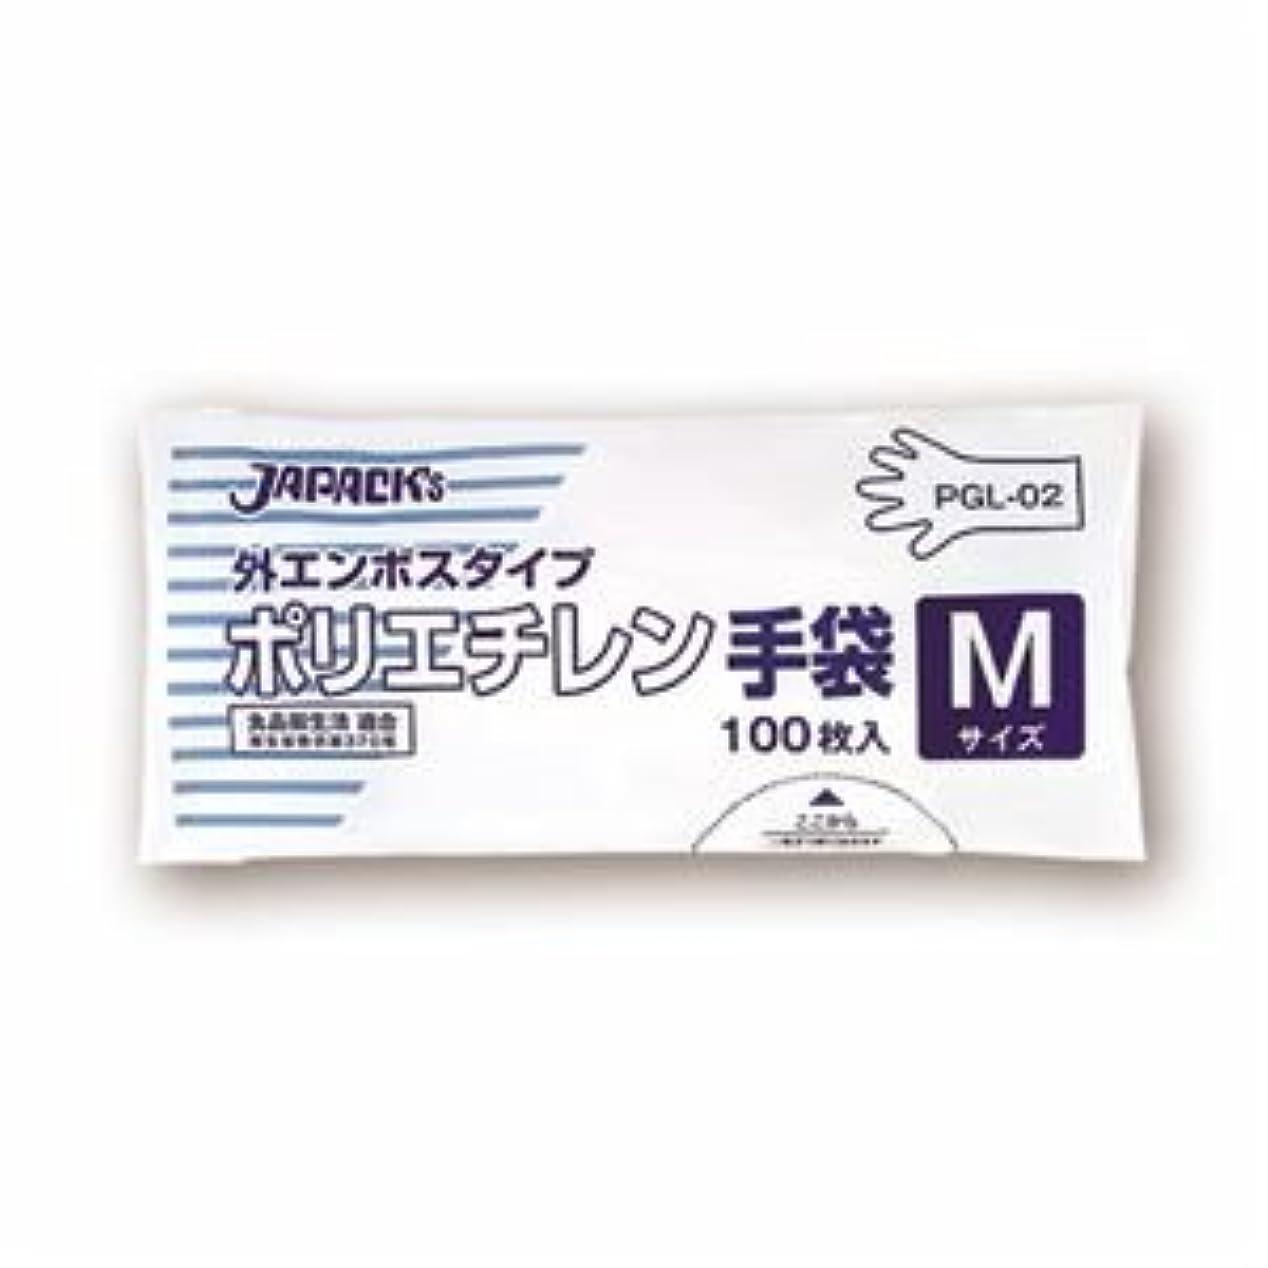 移行ペア頭(まとめ) ジャパックス 外エンボスタイプ LDポリエチレン手袋 M PGL-02 1パック(100枚) 【×20セット】 ds-1583317